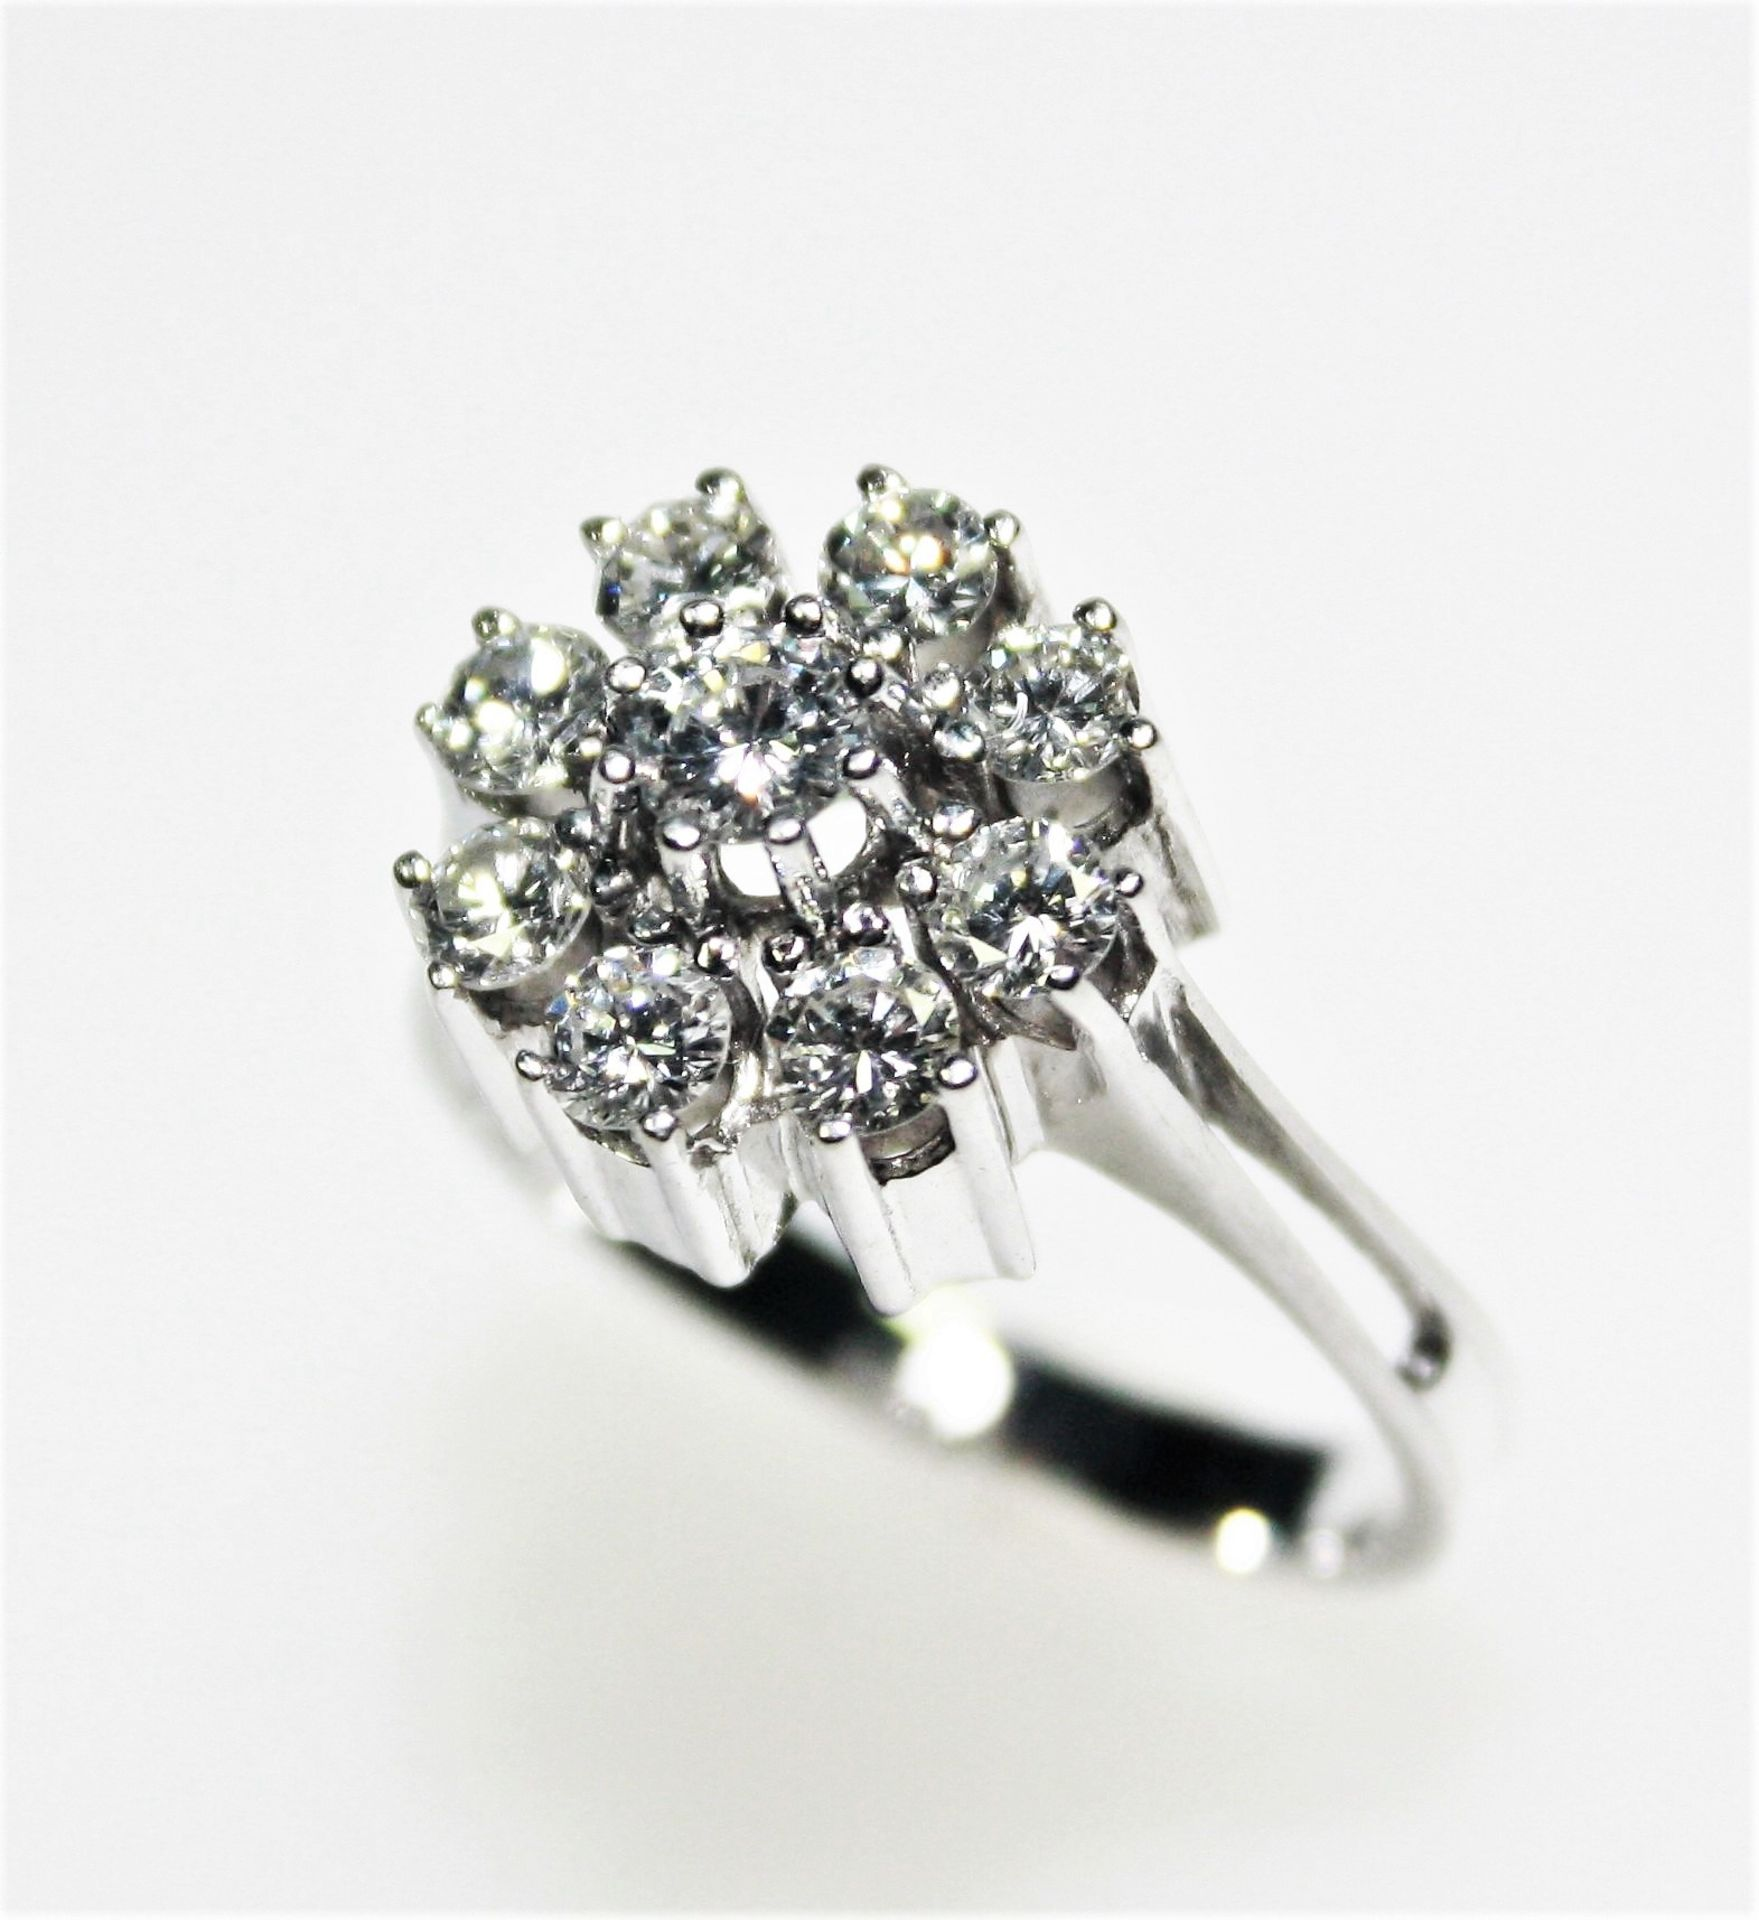 Weißgoldring 585/f gest., hoch gearbeiteter, runder Ringkopf mit Diamanten in Brillantschliff zus.